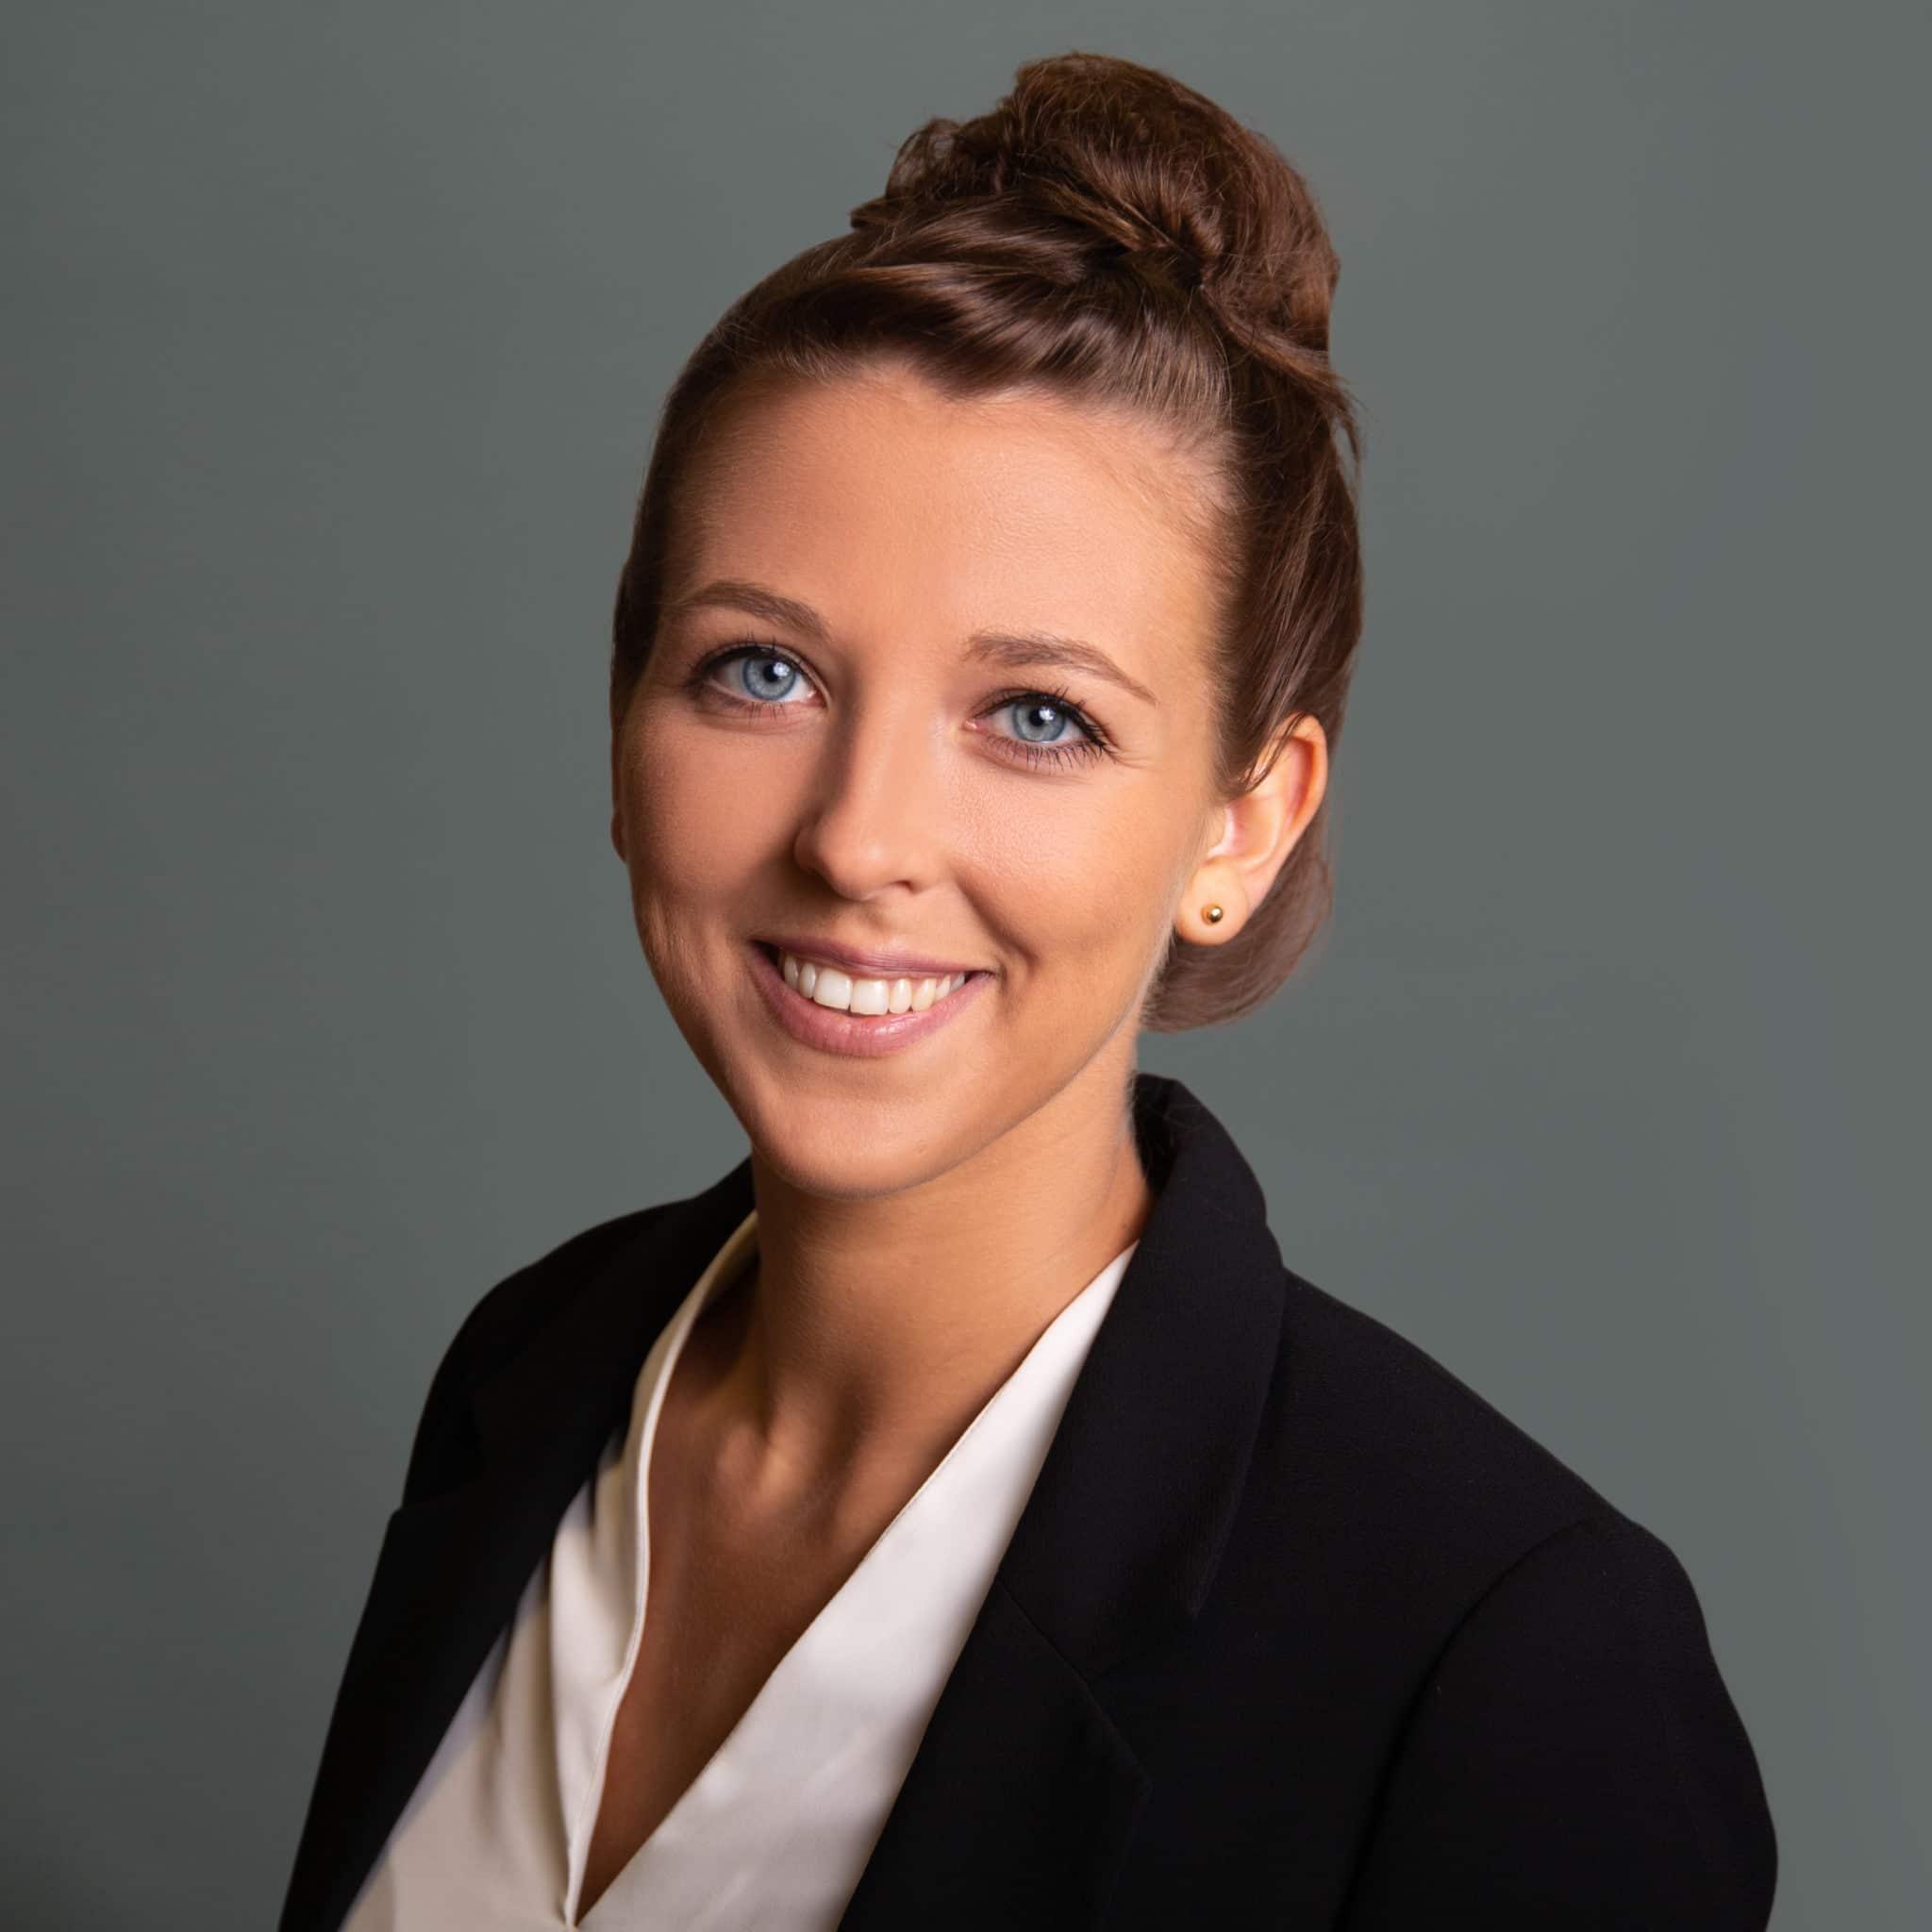 Johanna Rutz